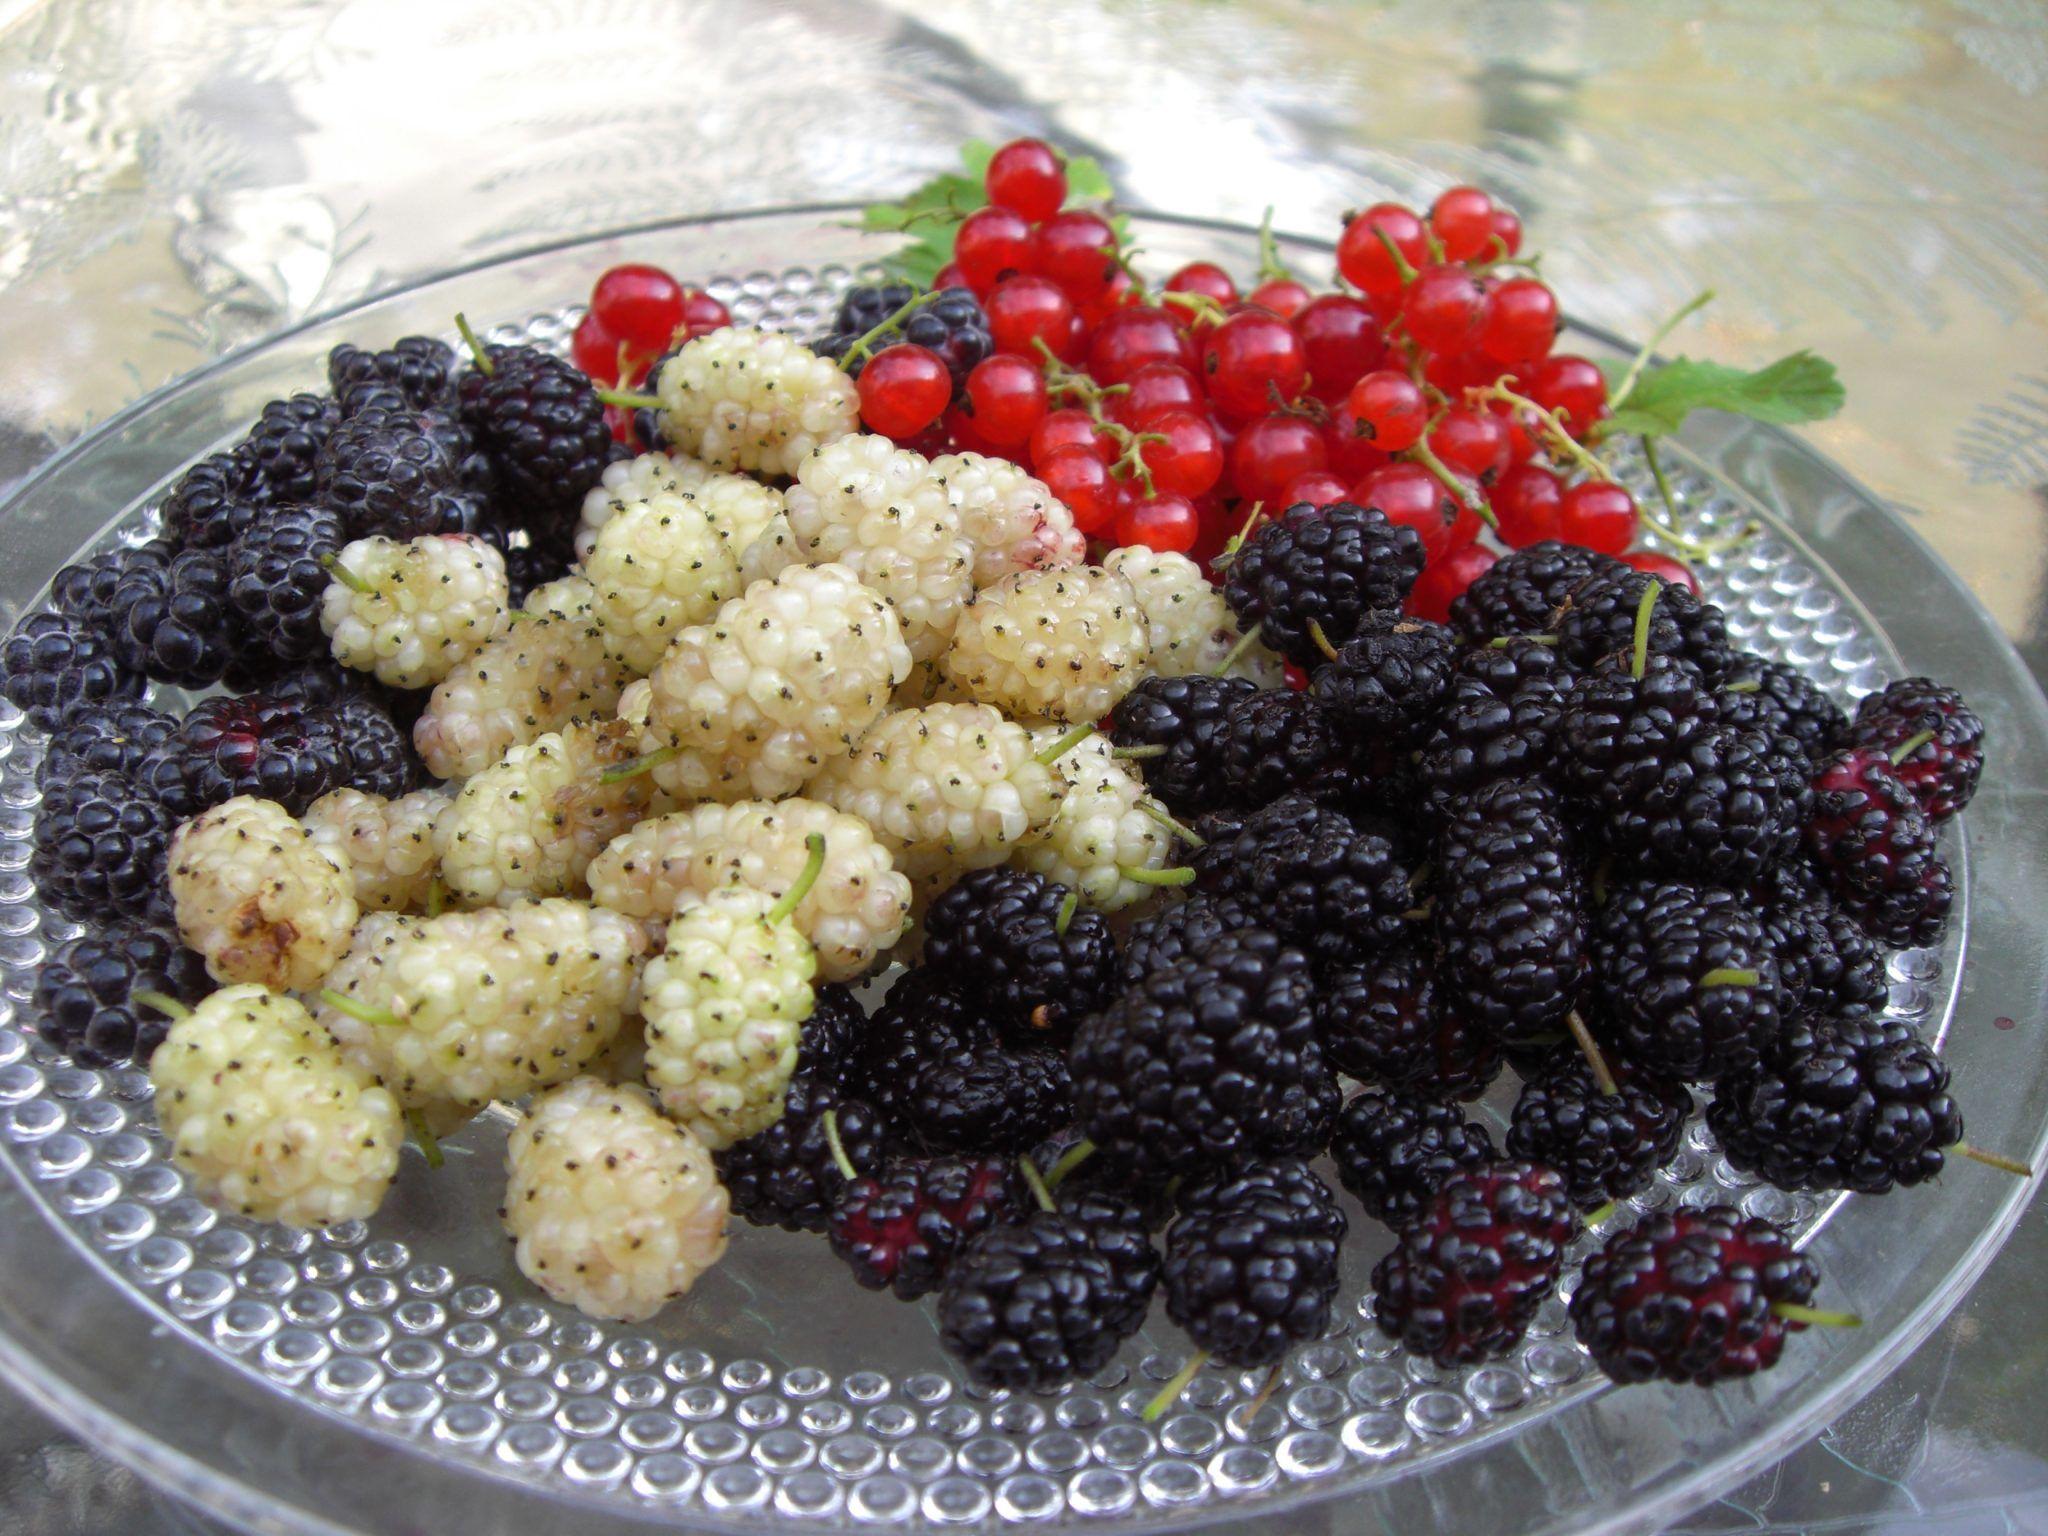 Dut Meyvesinin Önemli Yararları